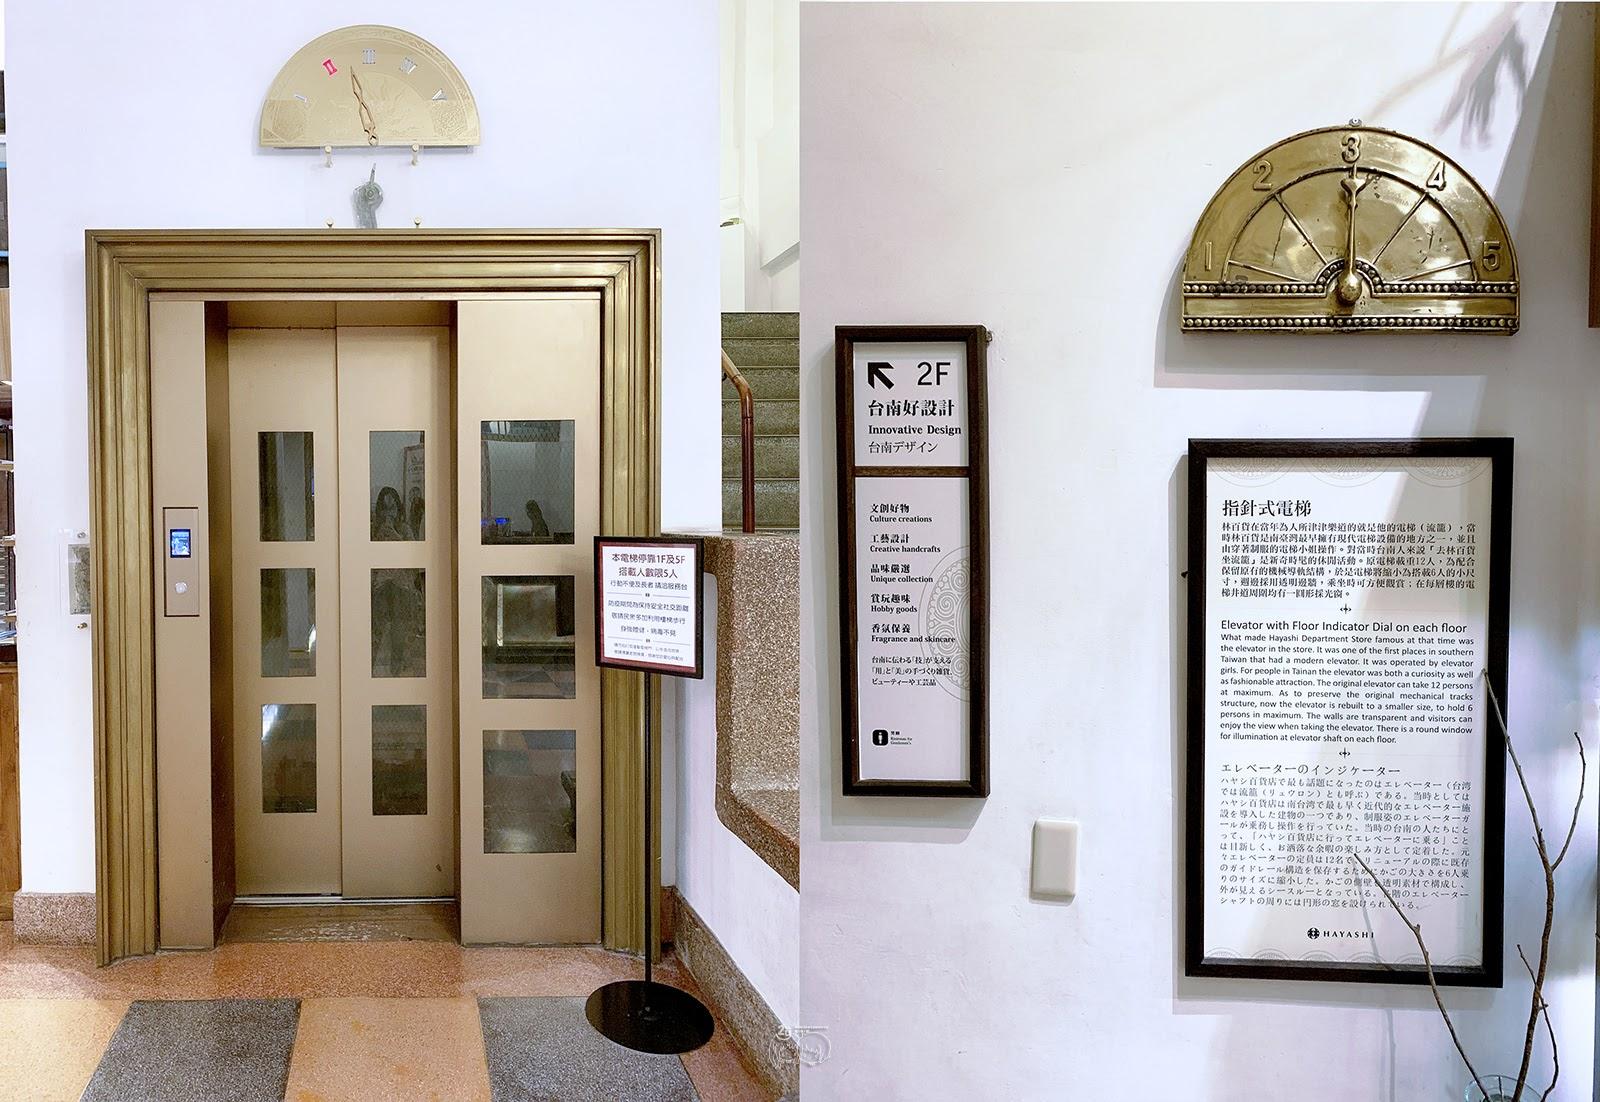 台南|景點 「林百貨」文創與古蹟並存的百貨|空中神社遺跡俯橄城市街景|骨董指針電梯|人氣景點